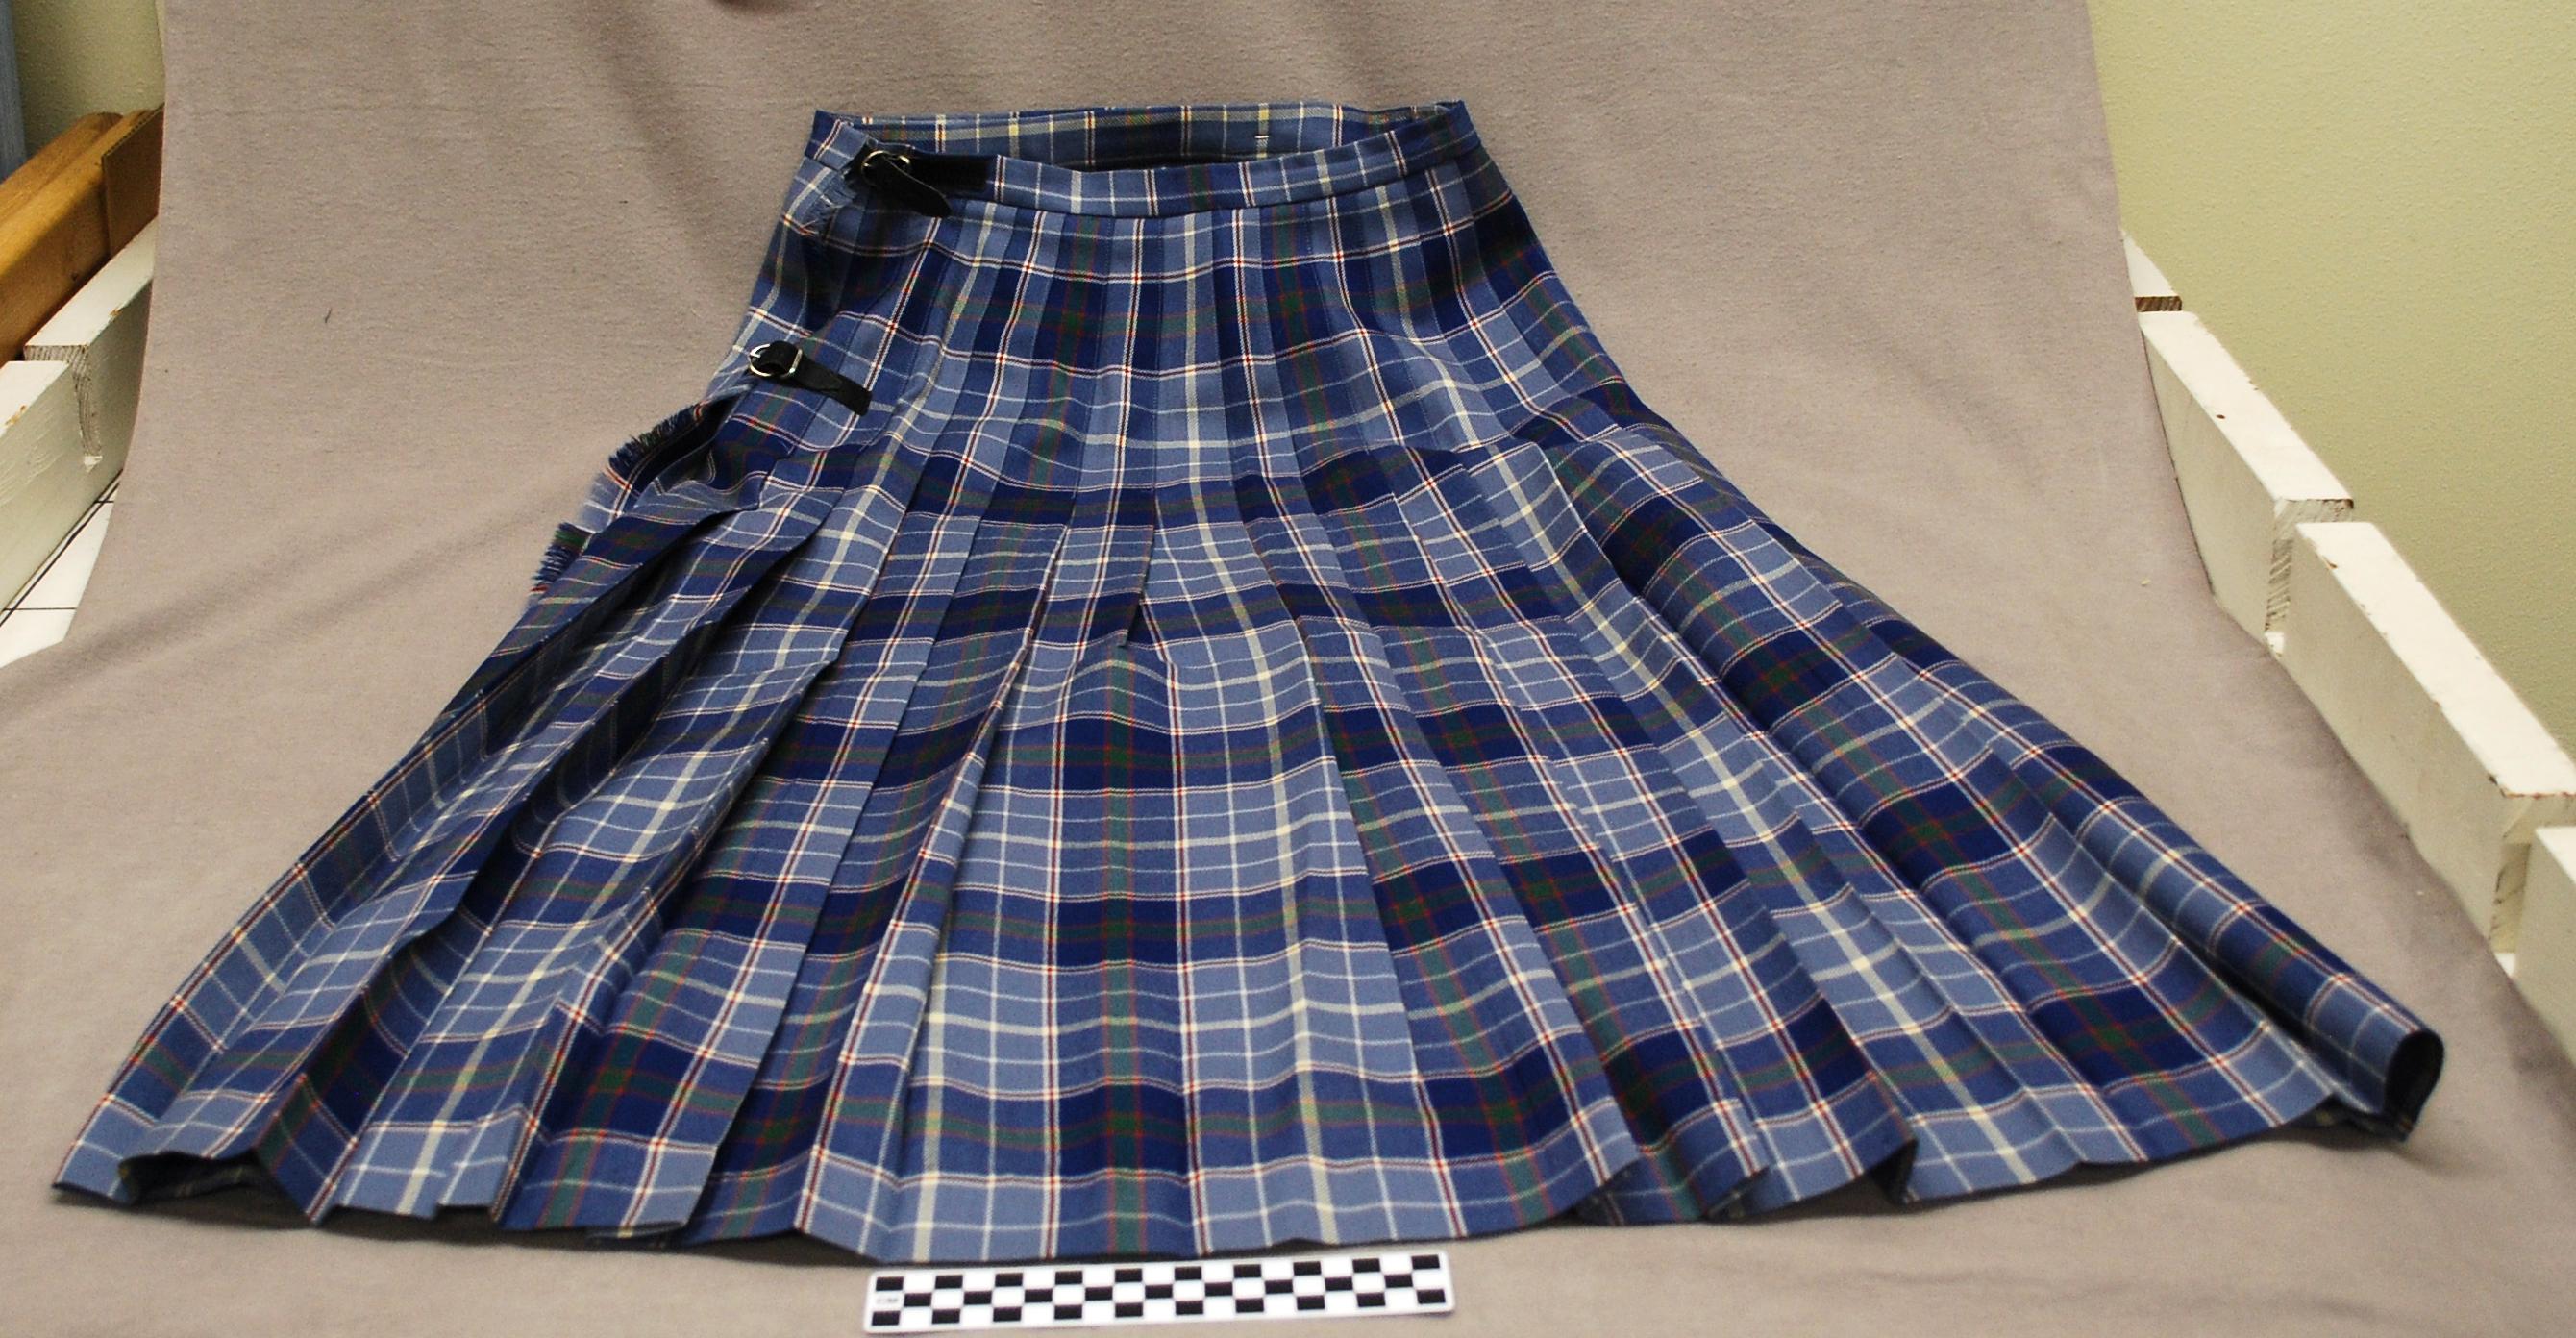 Object: Kilt (Women's Kilt in Texas Bluebonnet Tartan)   UTSA Institute Of Texan Cultures